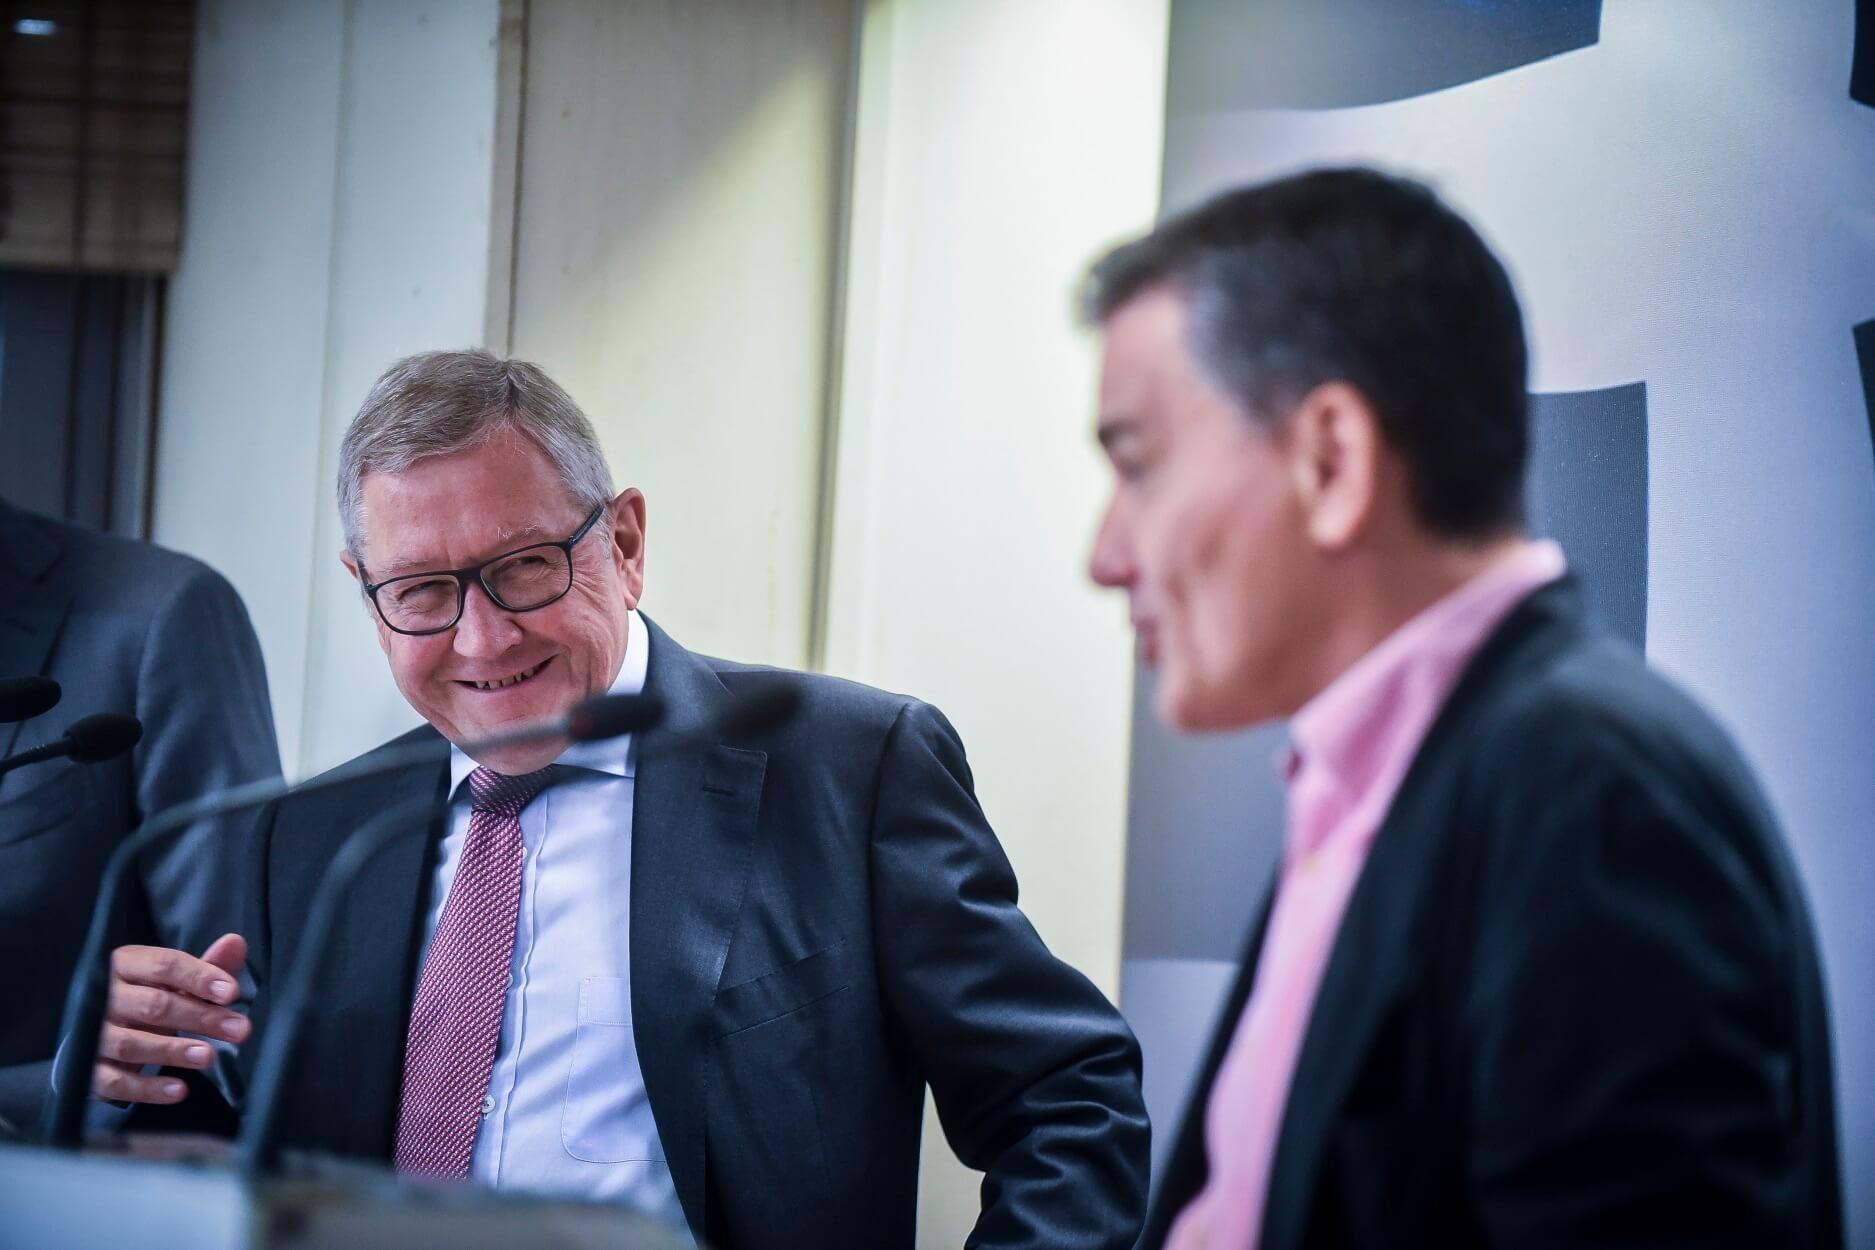 """Eurogroup: """"Προειδοποίηση"""" προς την Ελλάδα - Εφαρμόστε όσα έχουμε συμφωνήσει για να λάβετε την επιστροφή κερδών"""